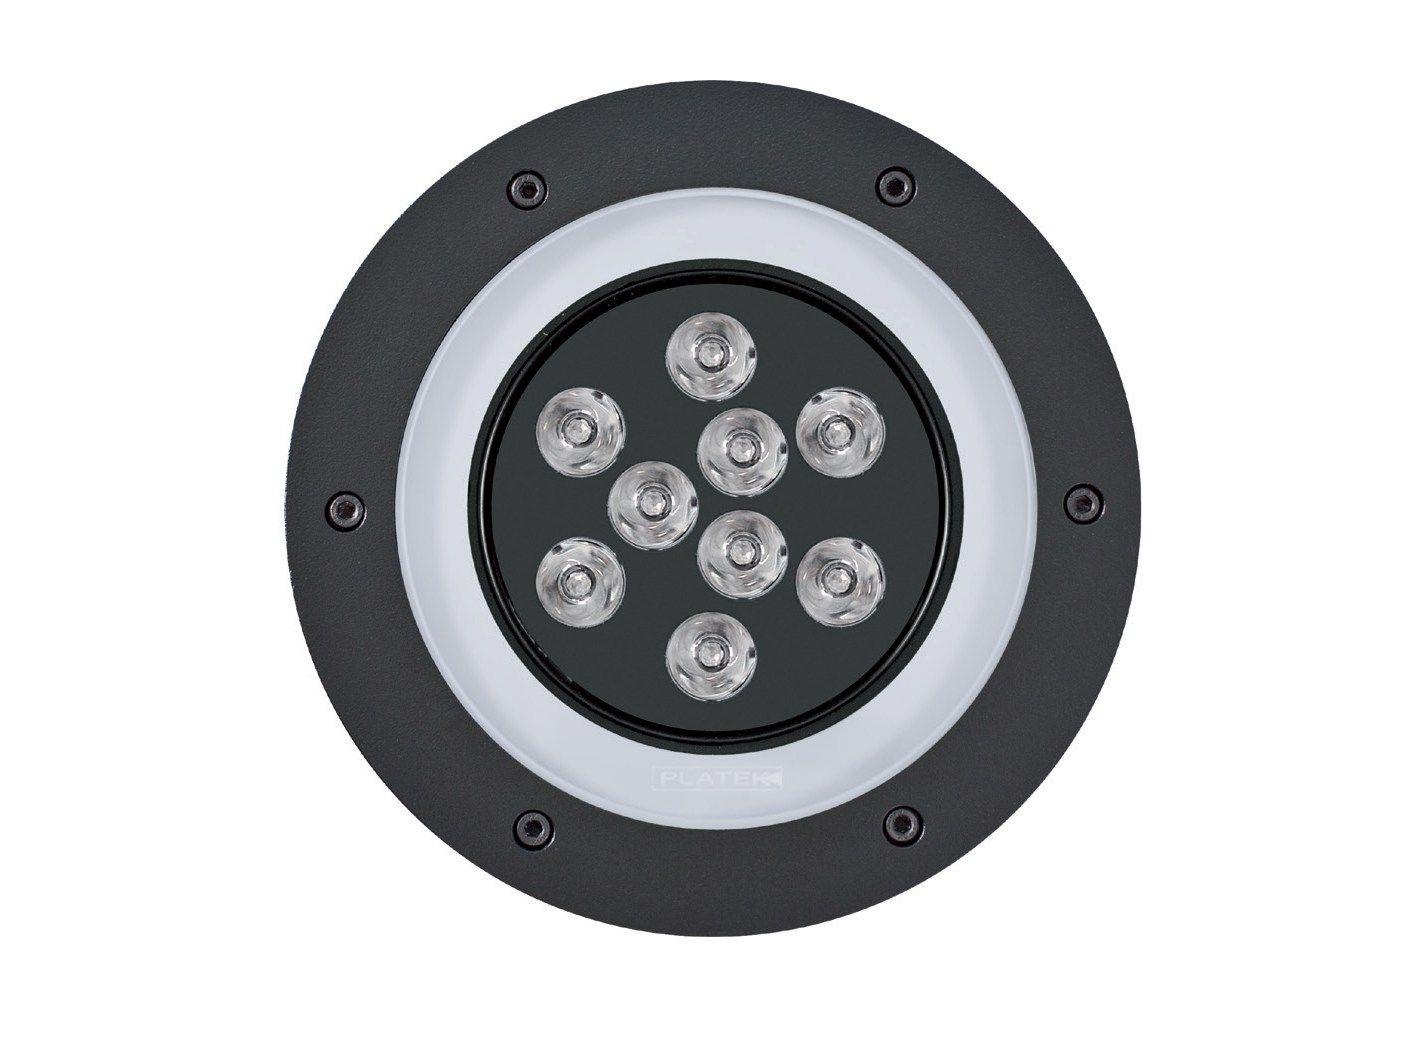 Illuminazione Ingresso Pedonale: Catalogo. B13-8w-sh-cw - faretti led ...